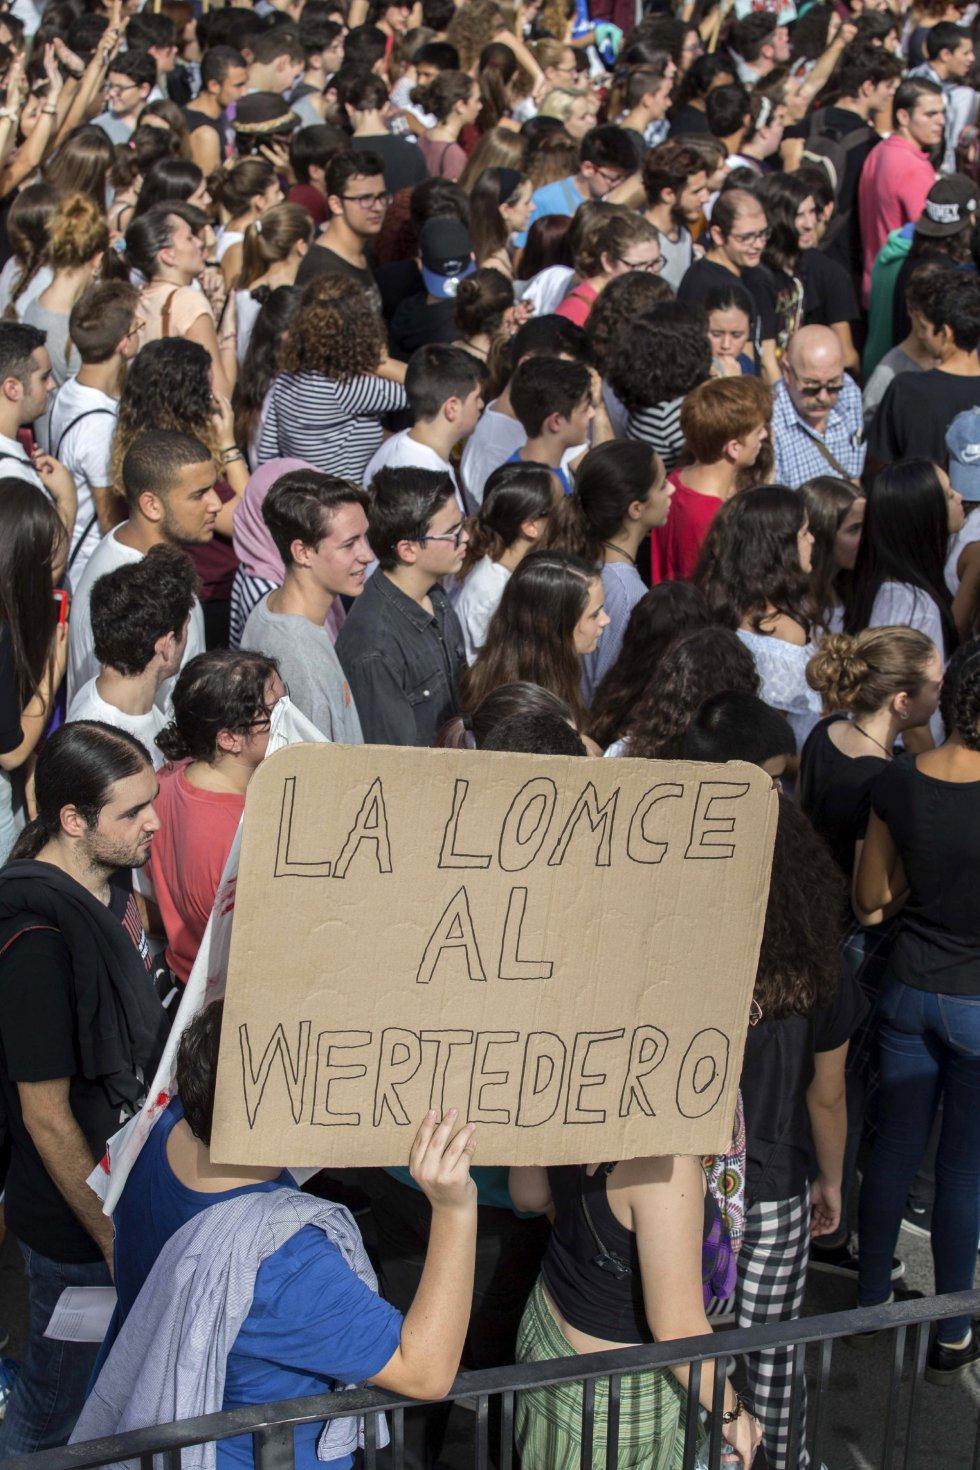 Algunos de los manifestantes que se han concentrado esta jornada frente a la Universidad de Murcia para protestar contra la Lomce, las reválidas y los recortes presupuestarios en educación.